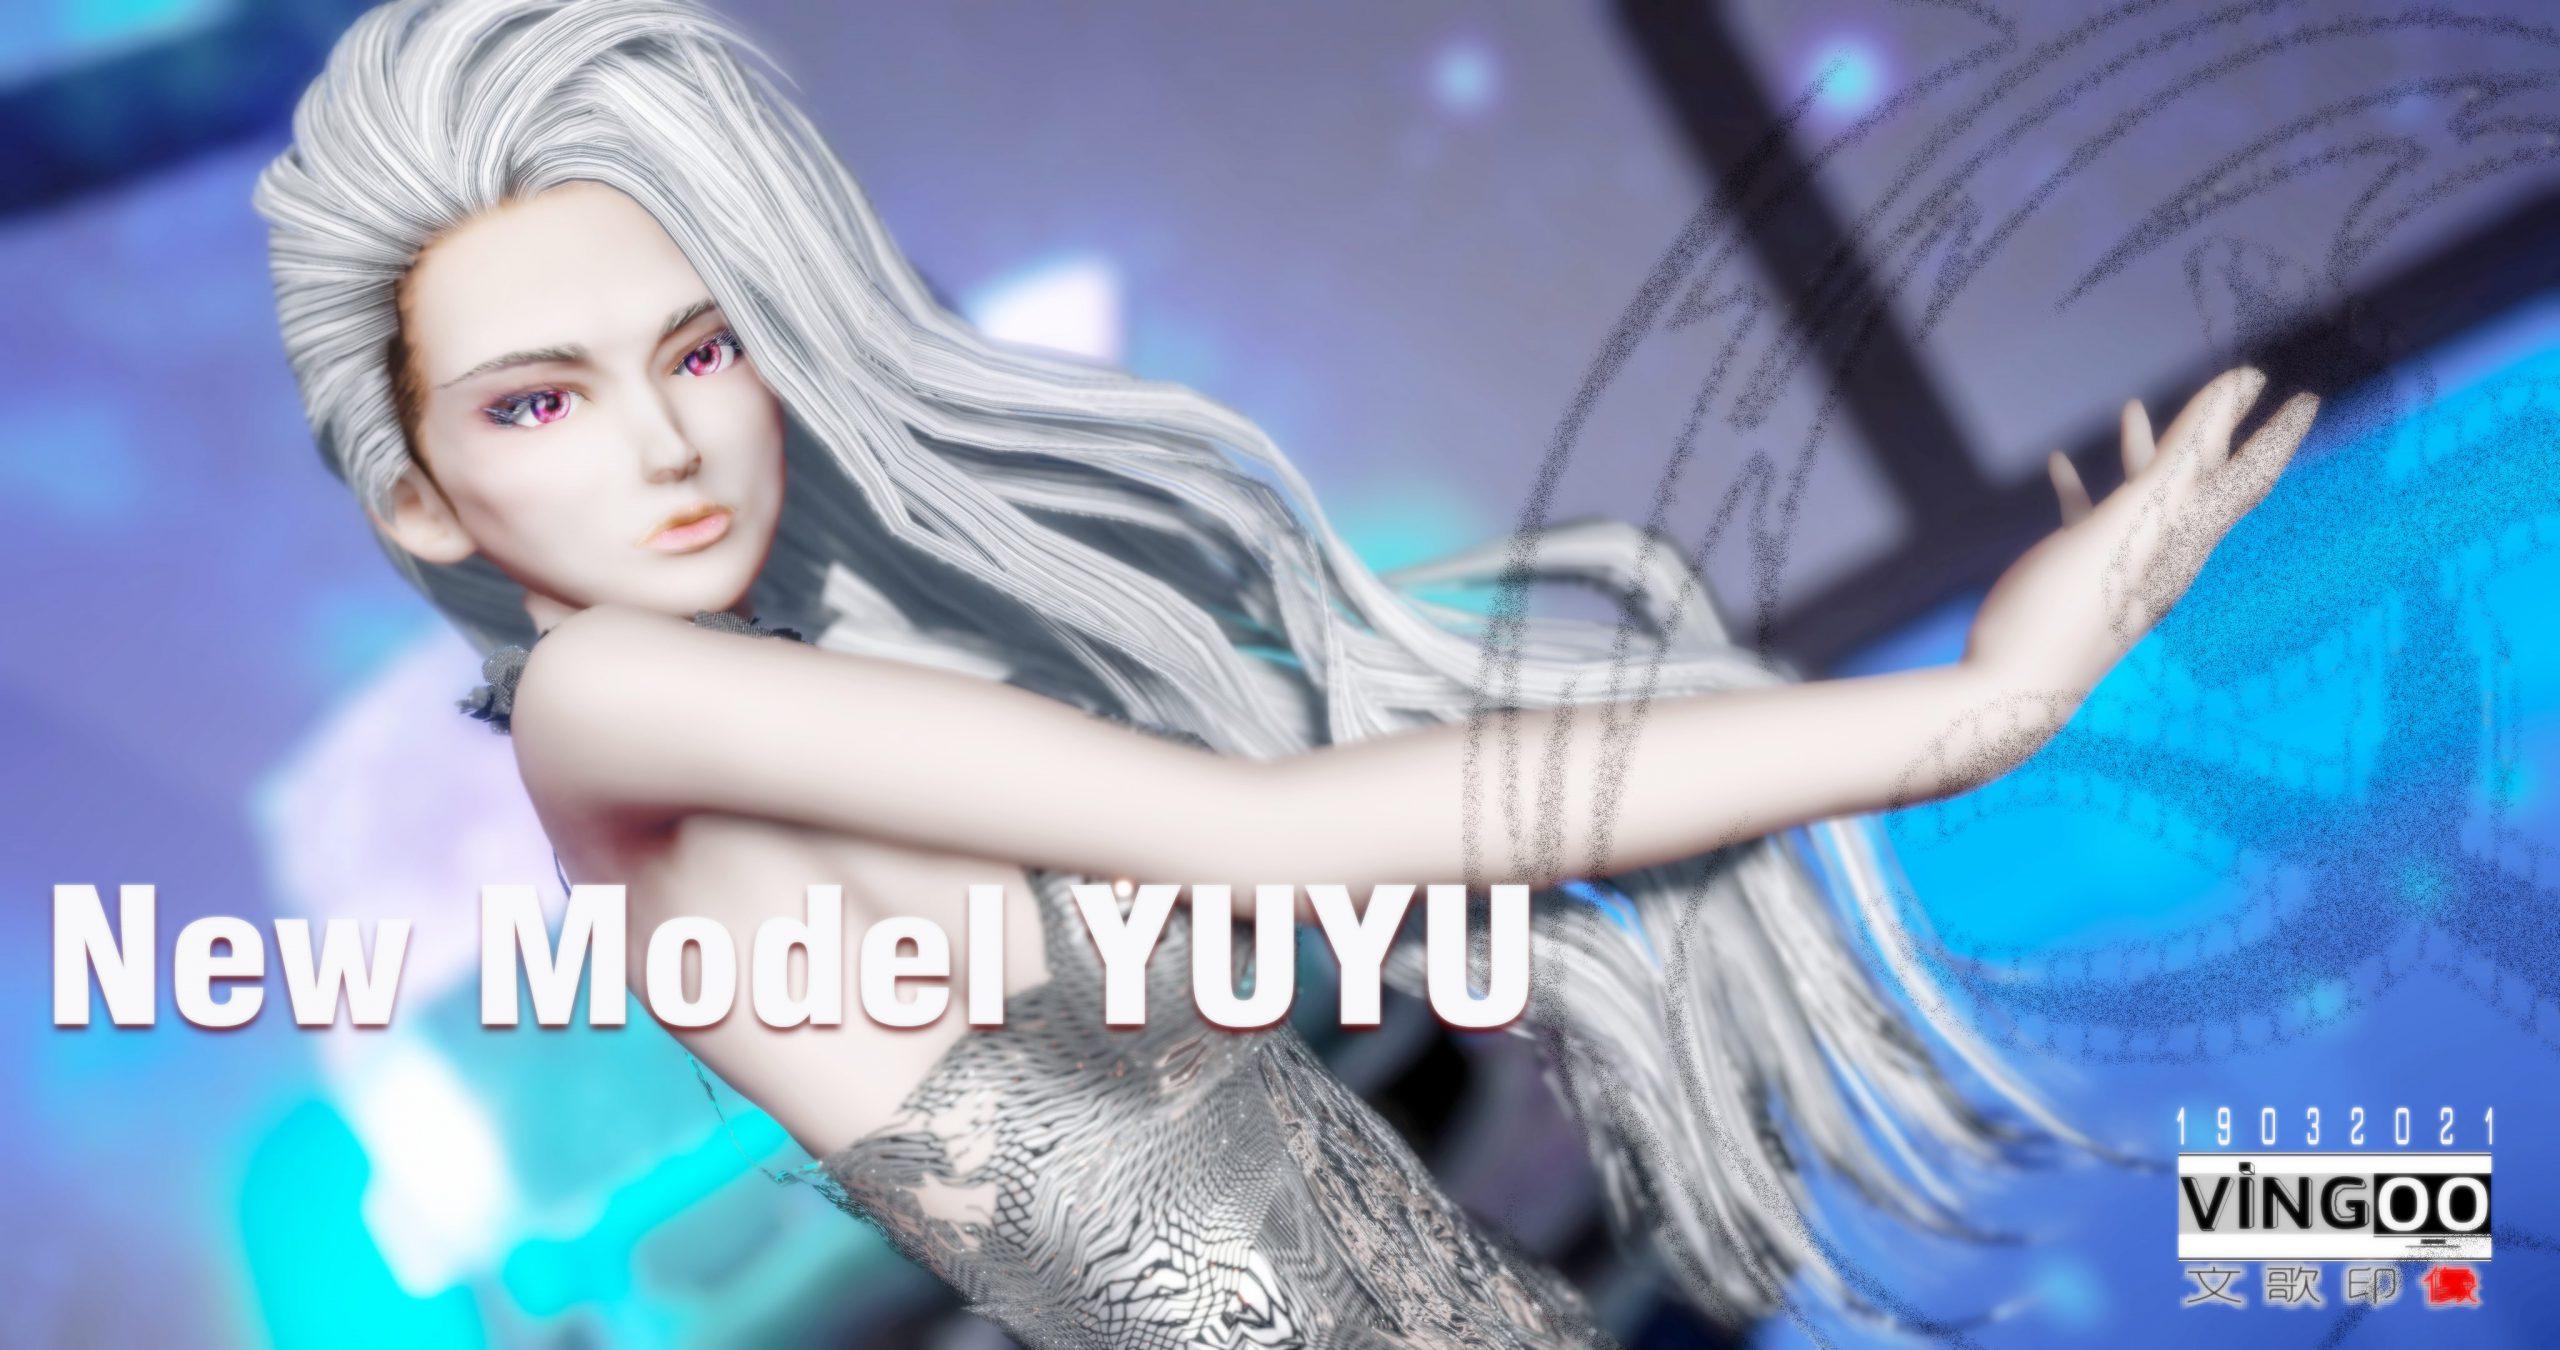 新模型yuyu大姐开启成型之路